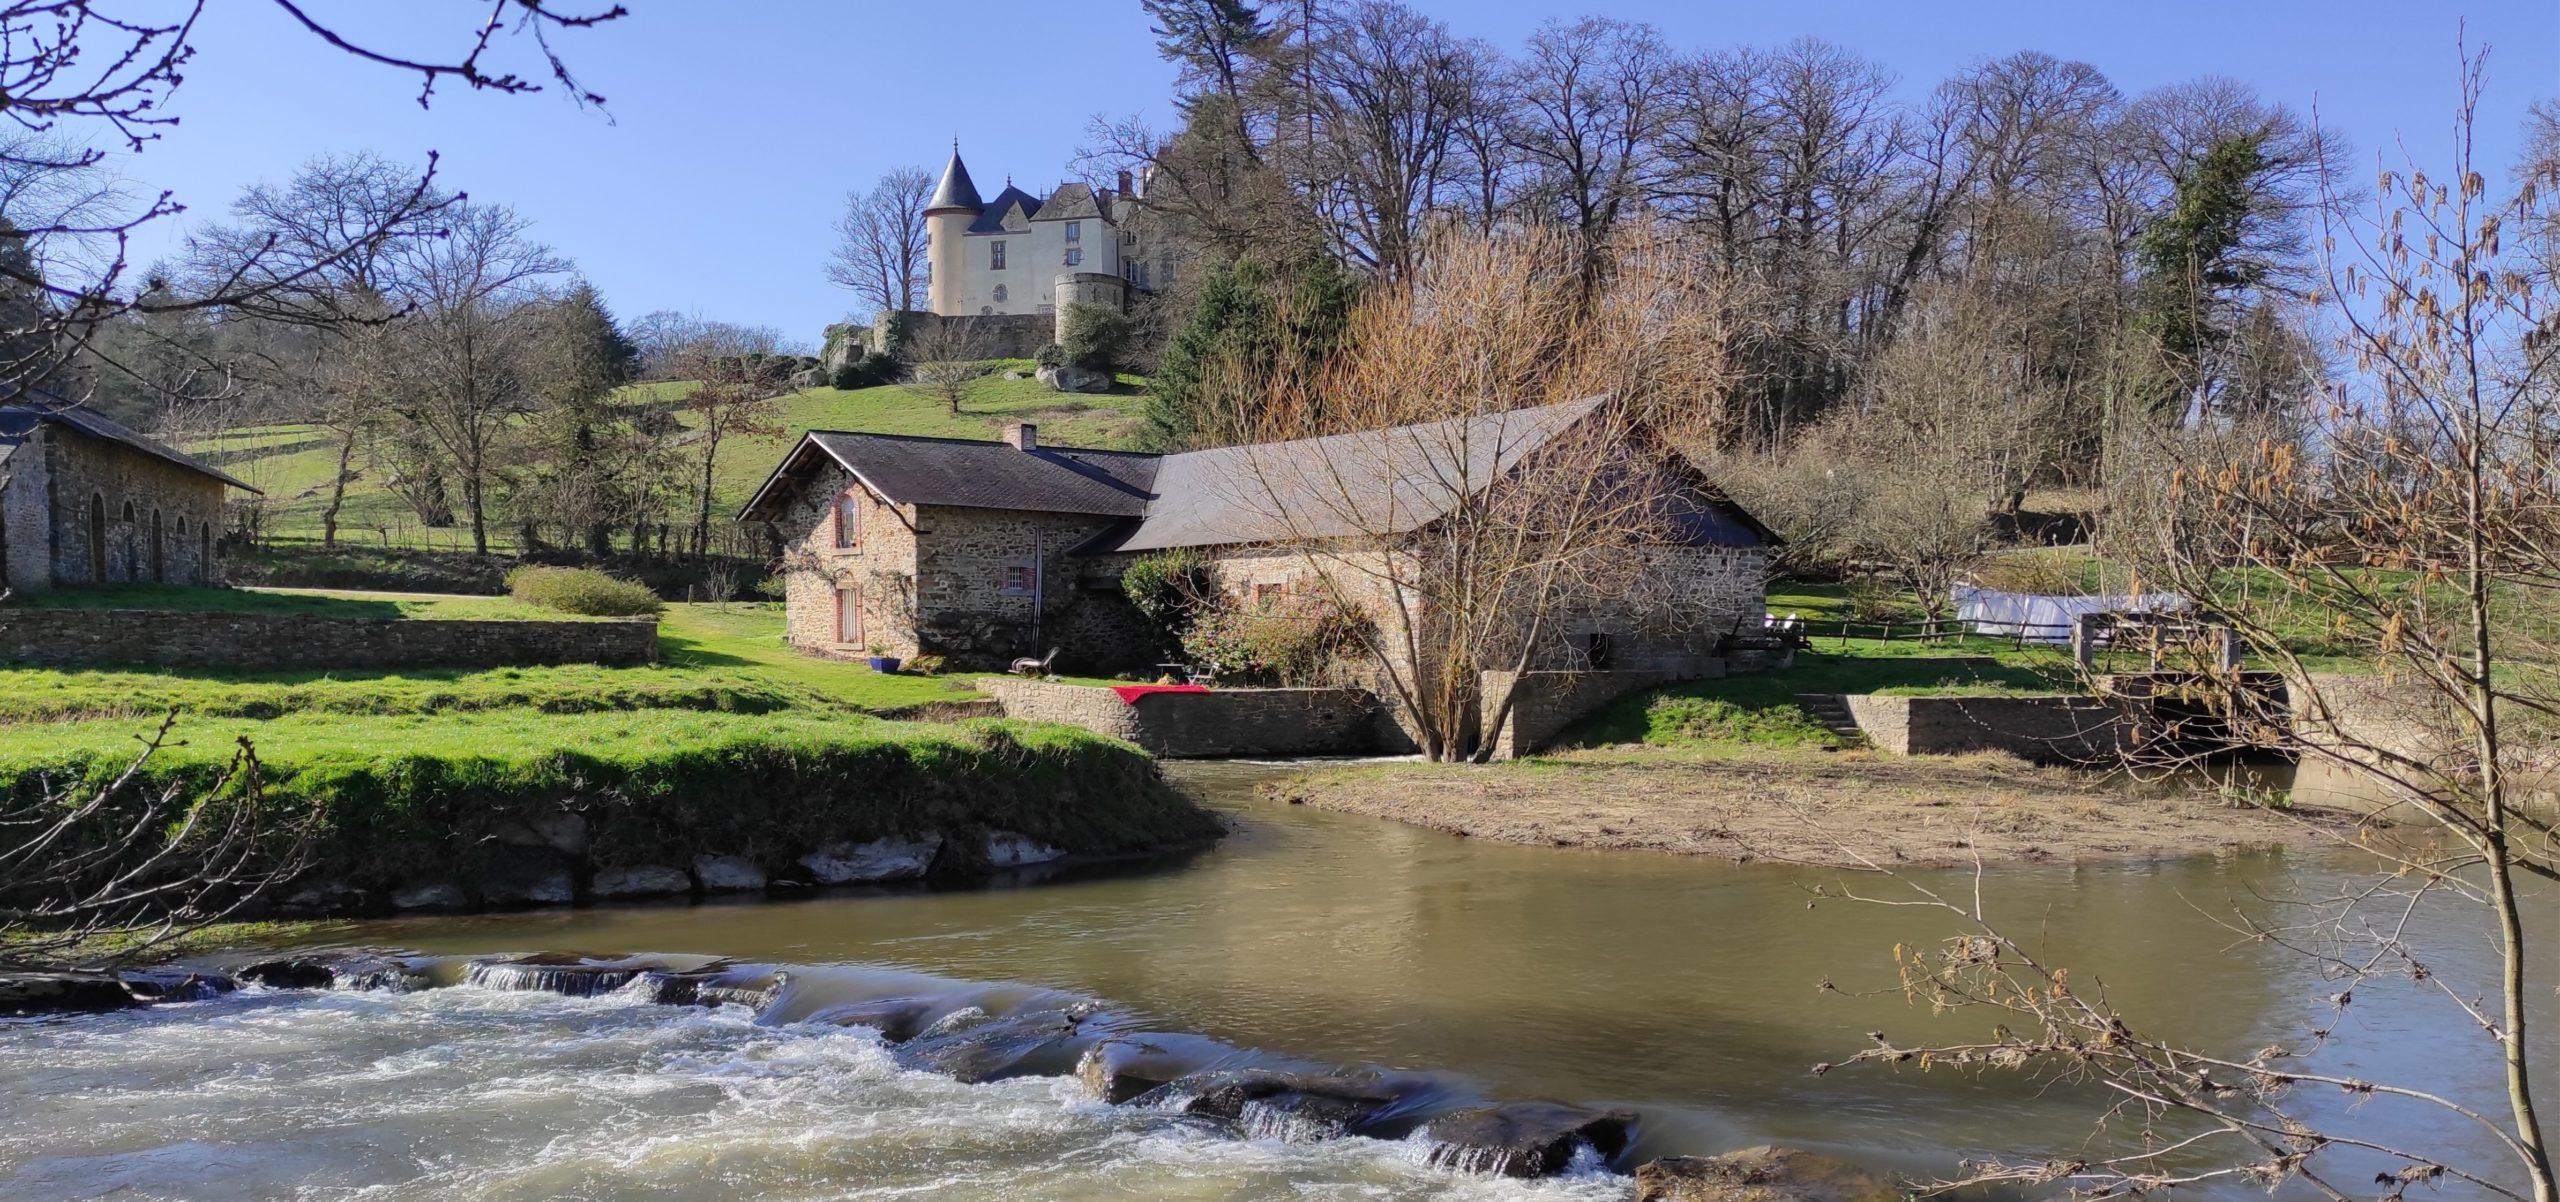 Château de Clivoy à Chailland - Chemin de Pontmain